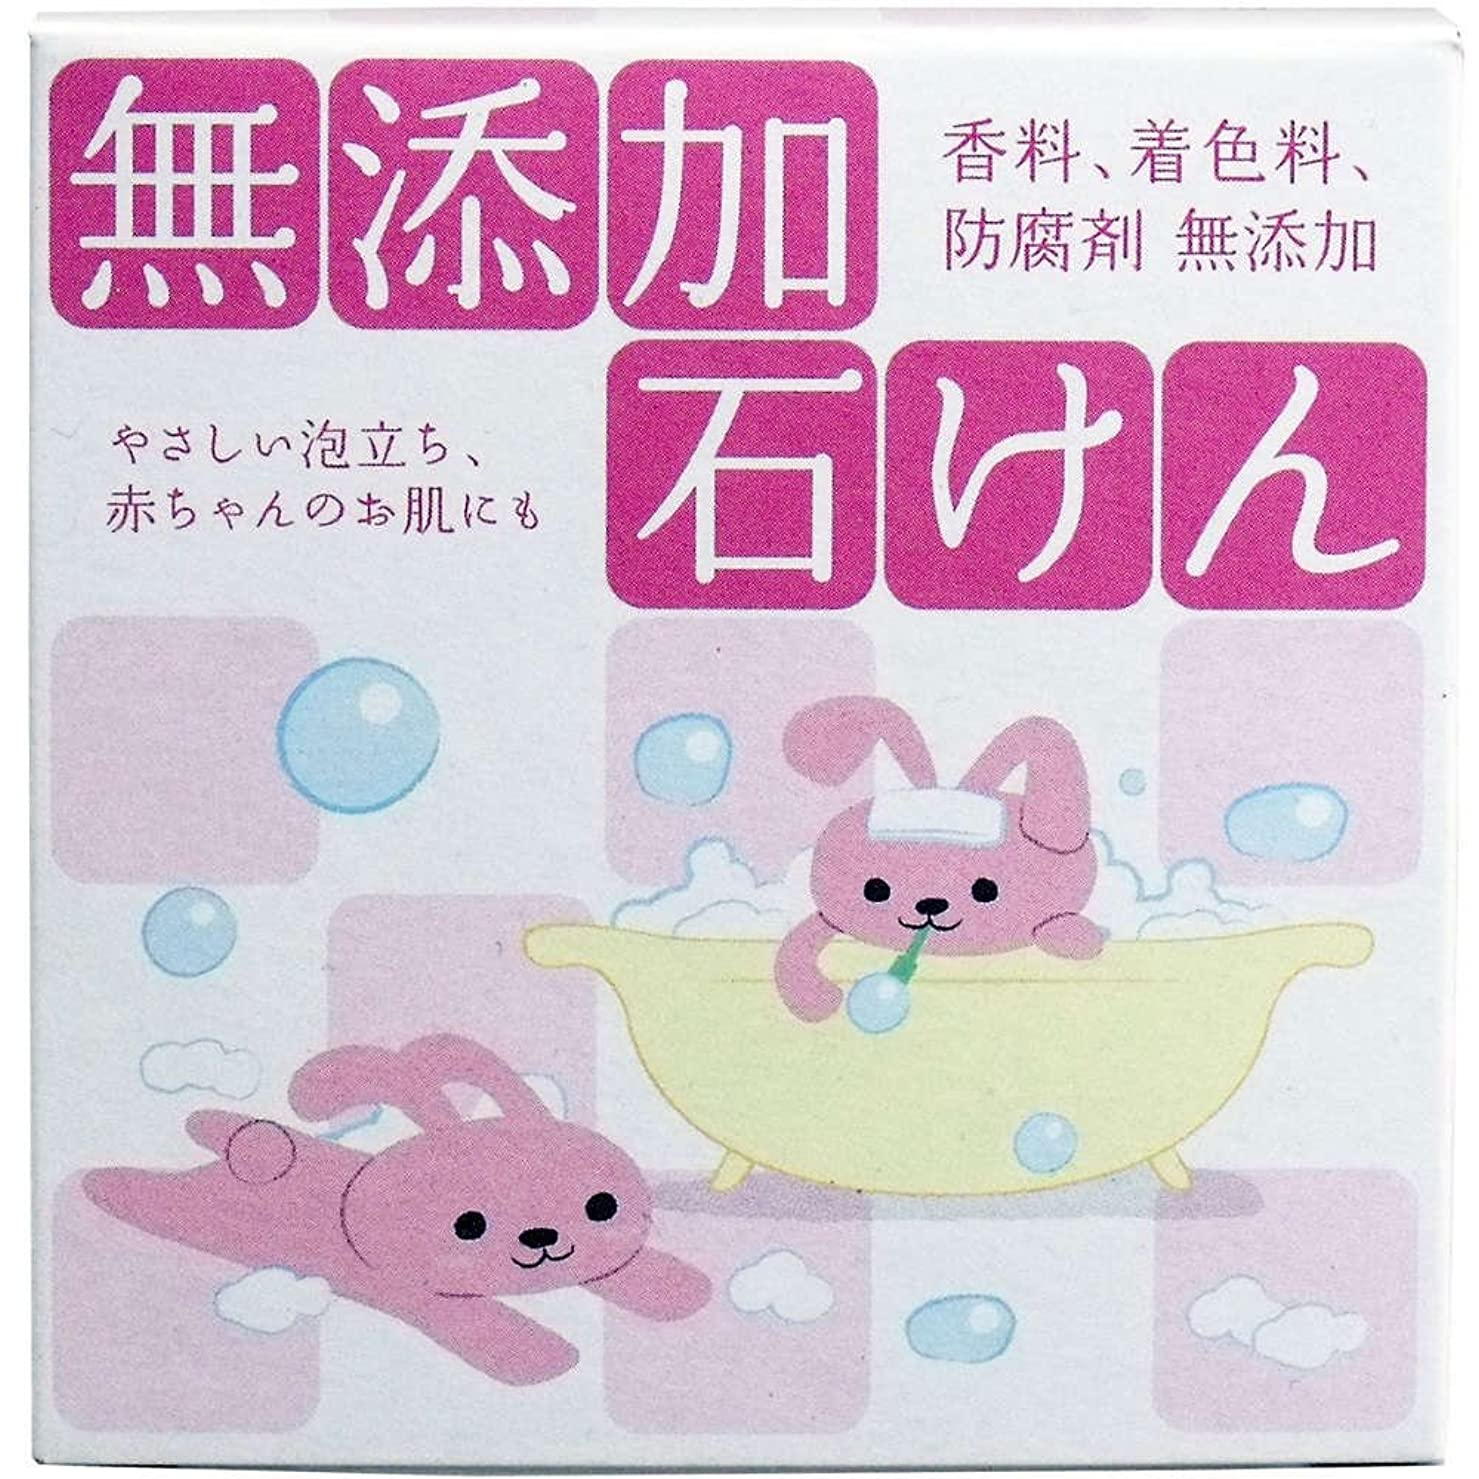 一方、微生物ケーブル【クロバーコーポレーション】無添加石鹸 80g